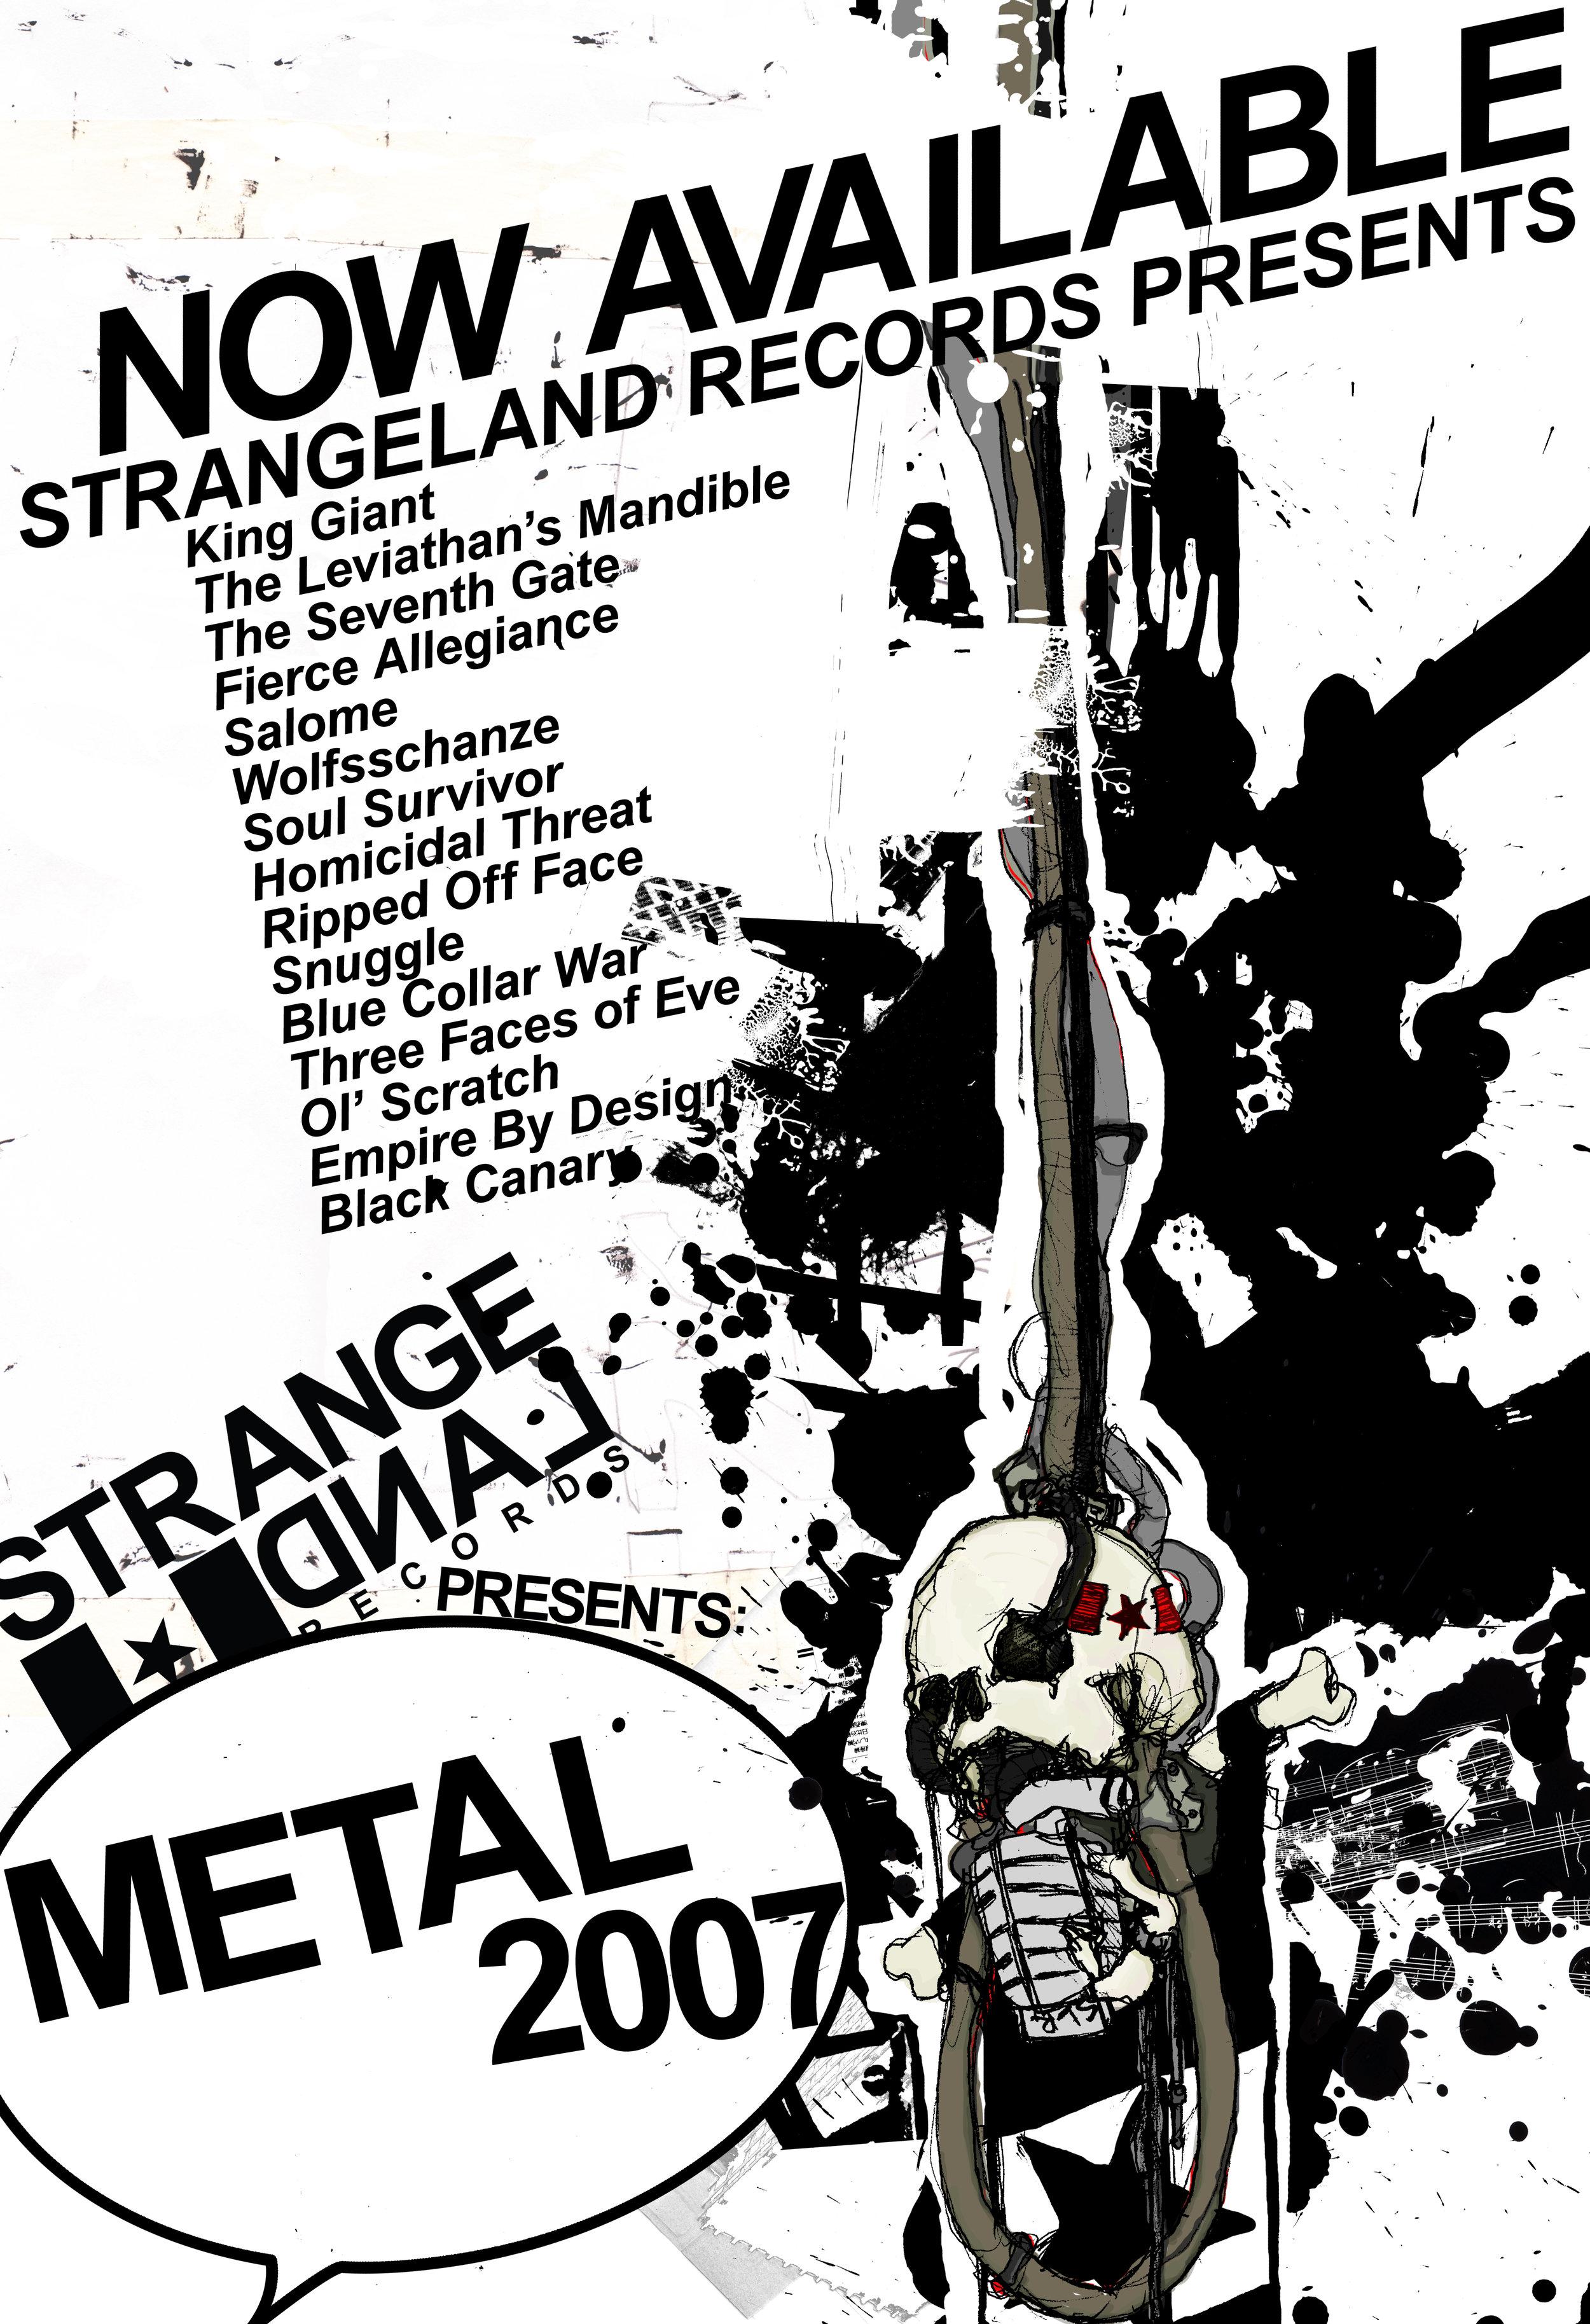 SLR_2007_metal_withbands.jpg